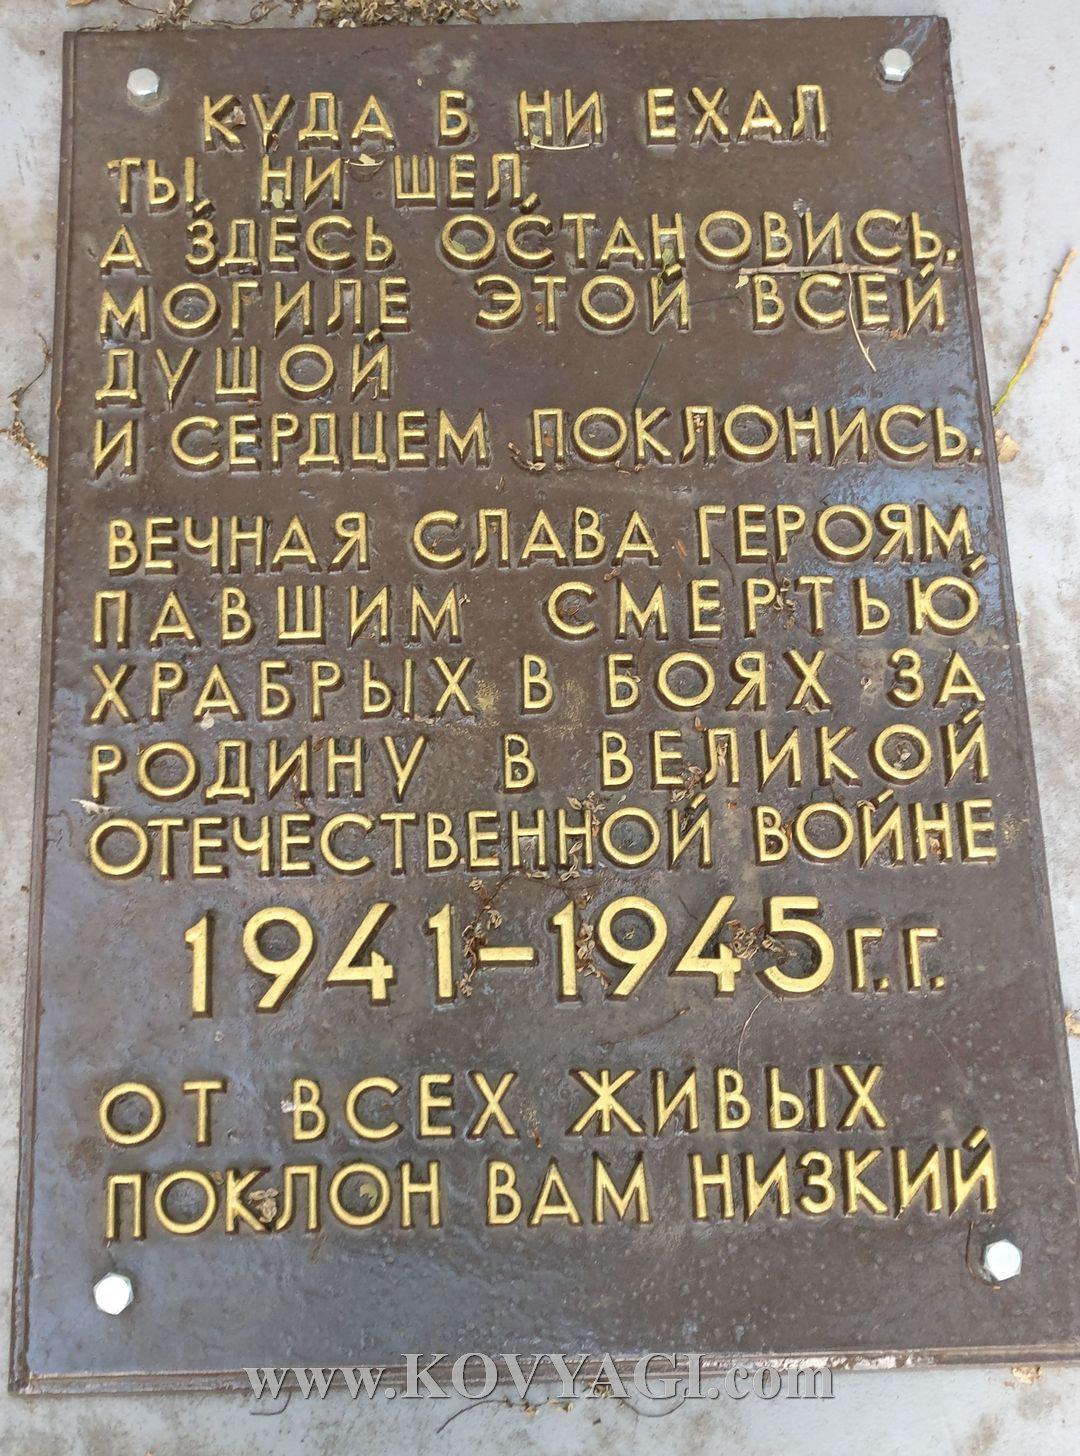 pamyatnik-vov-kovyagi